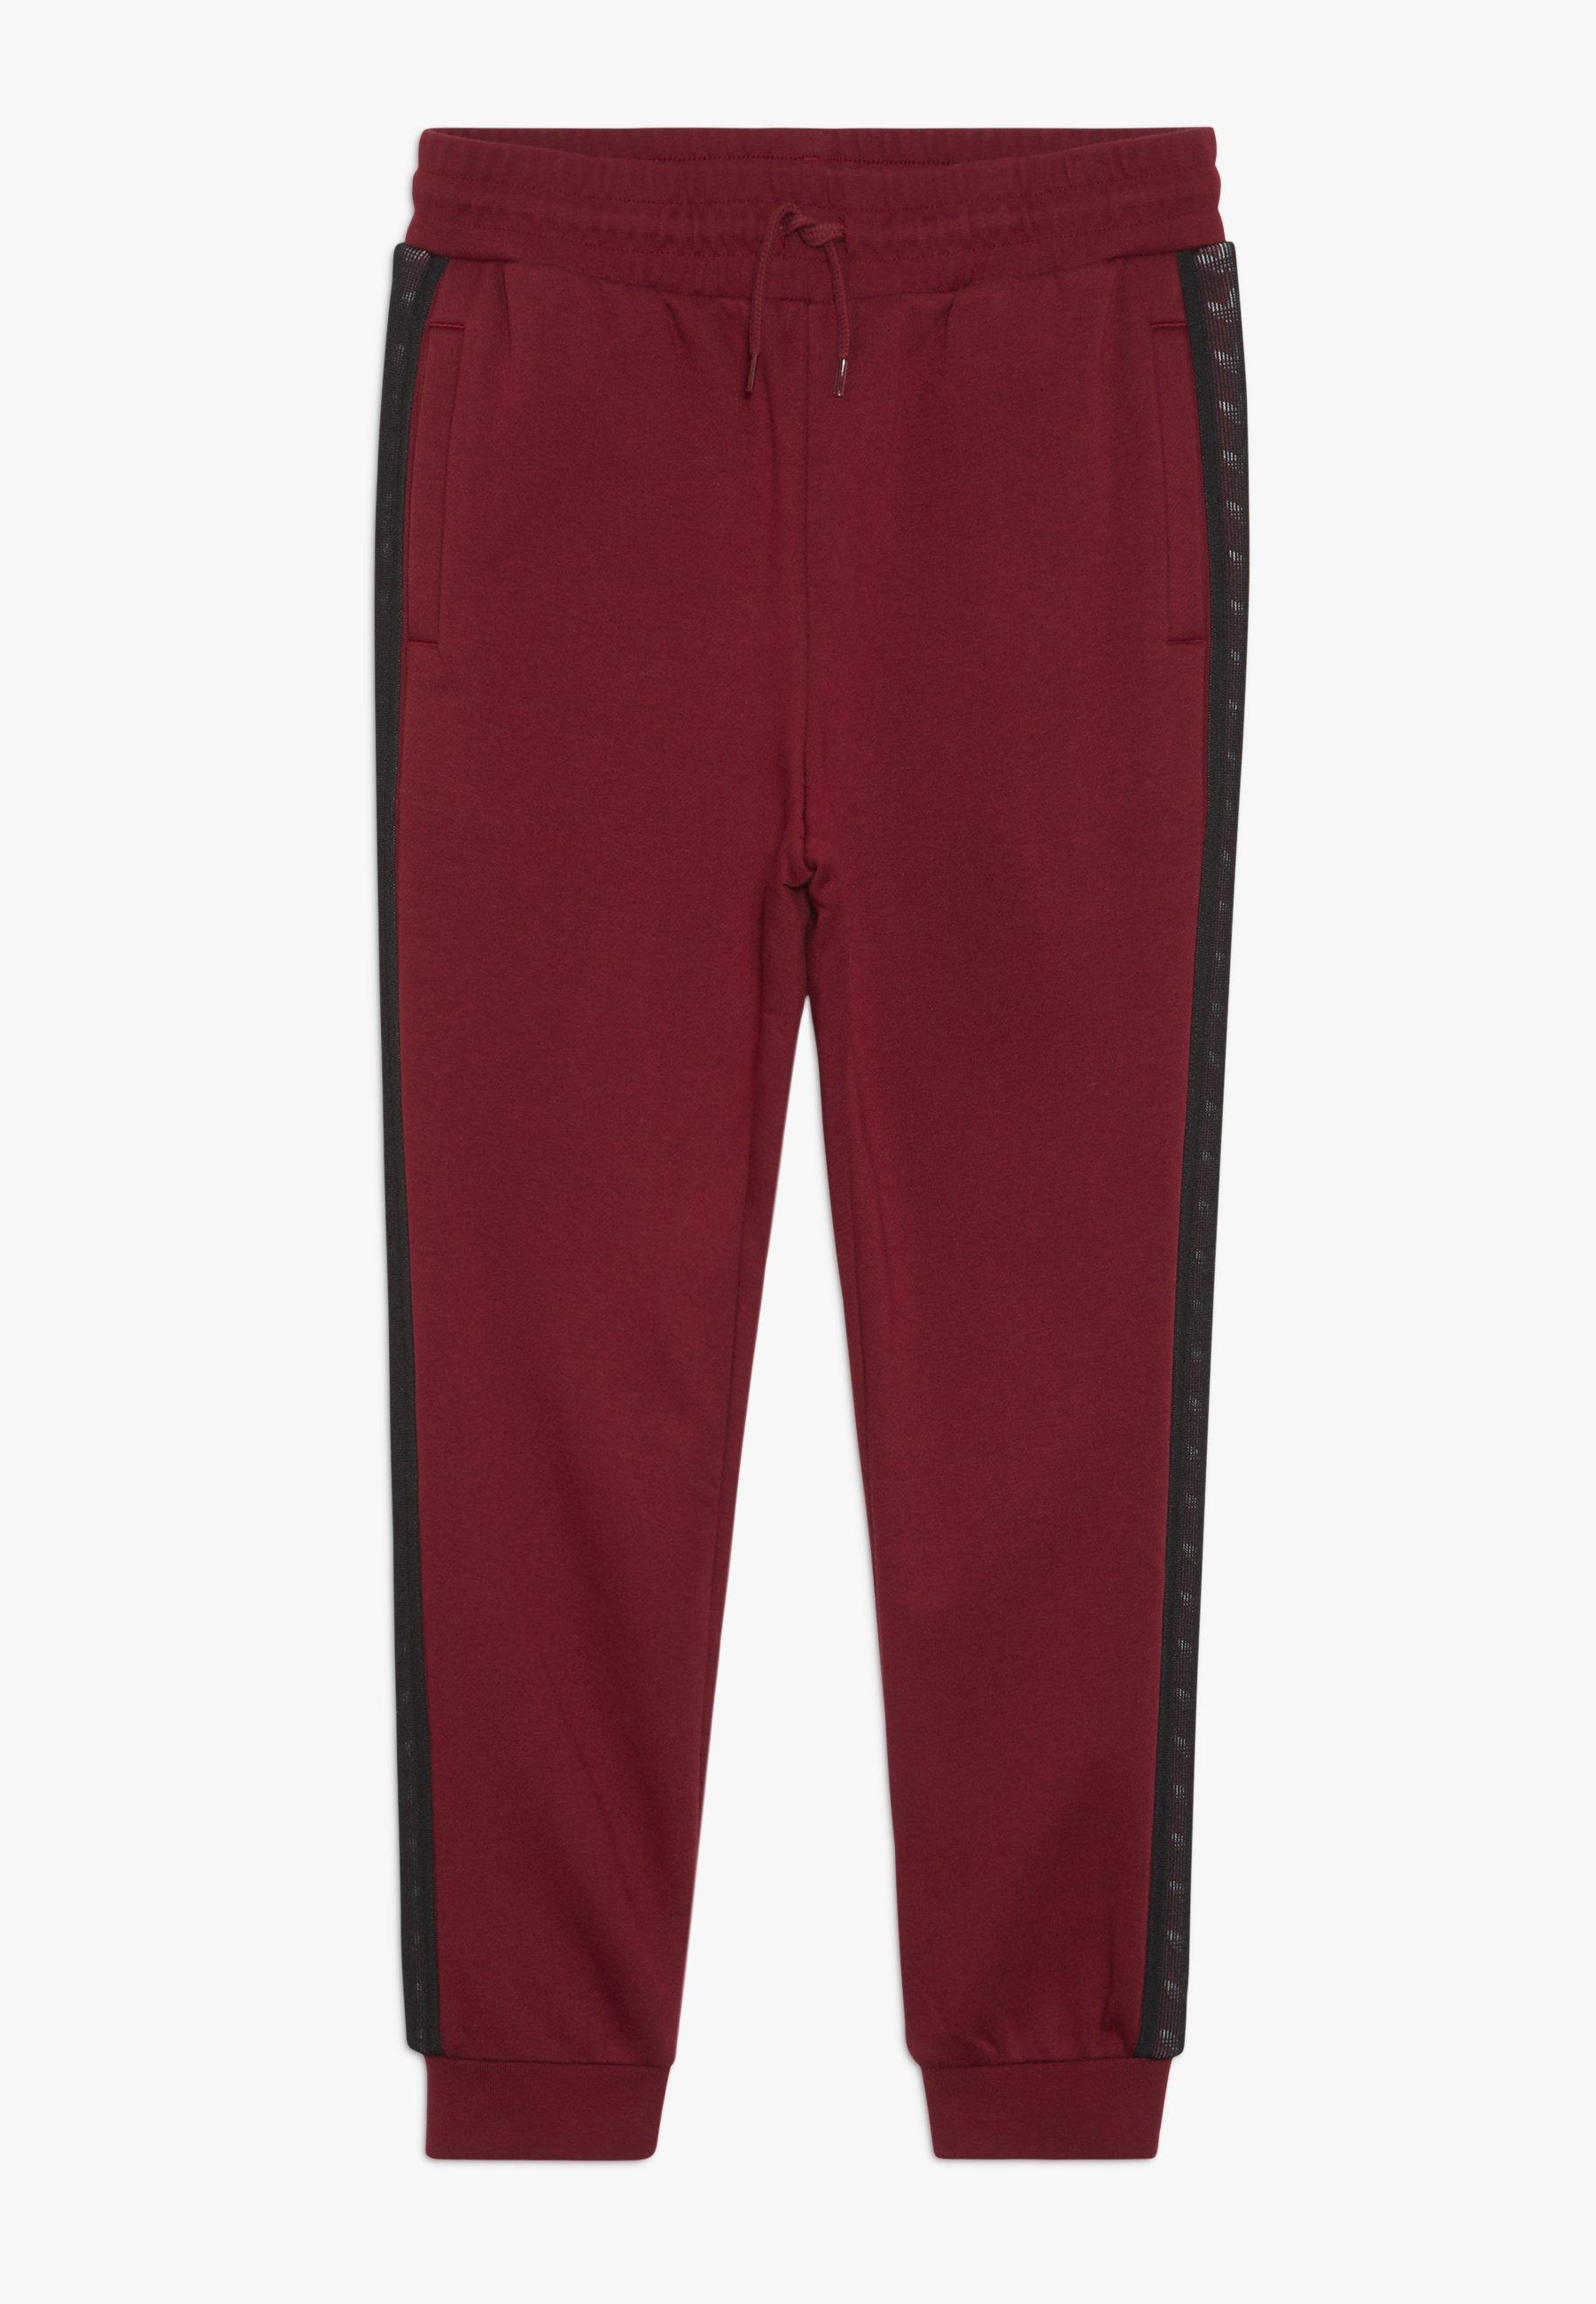 Tanto Sorpassare Parecchi  adidas Originals TAPE PANTS - Tracksuit bottoms - bordeaux - Zalando.co.uk